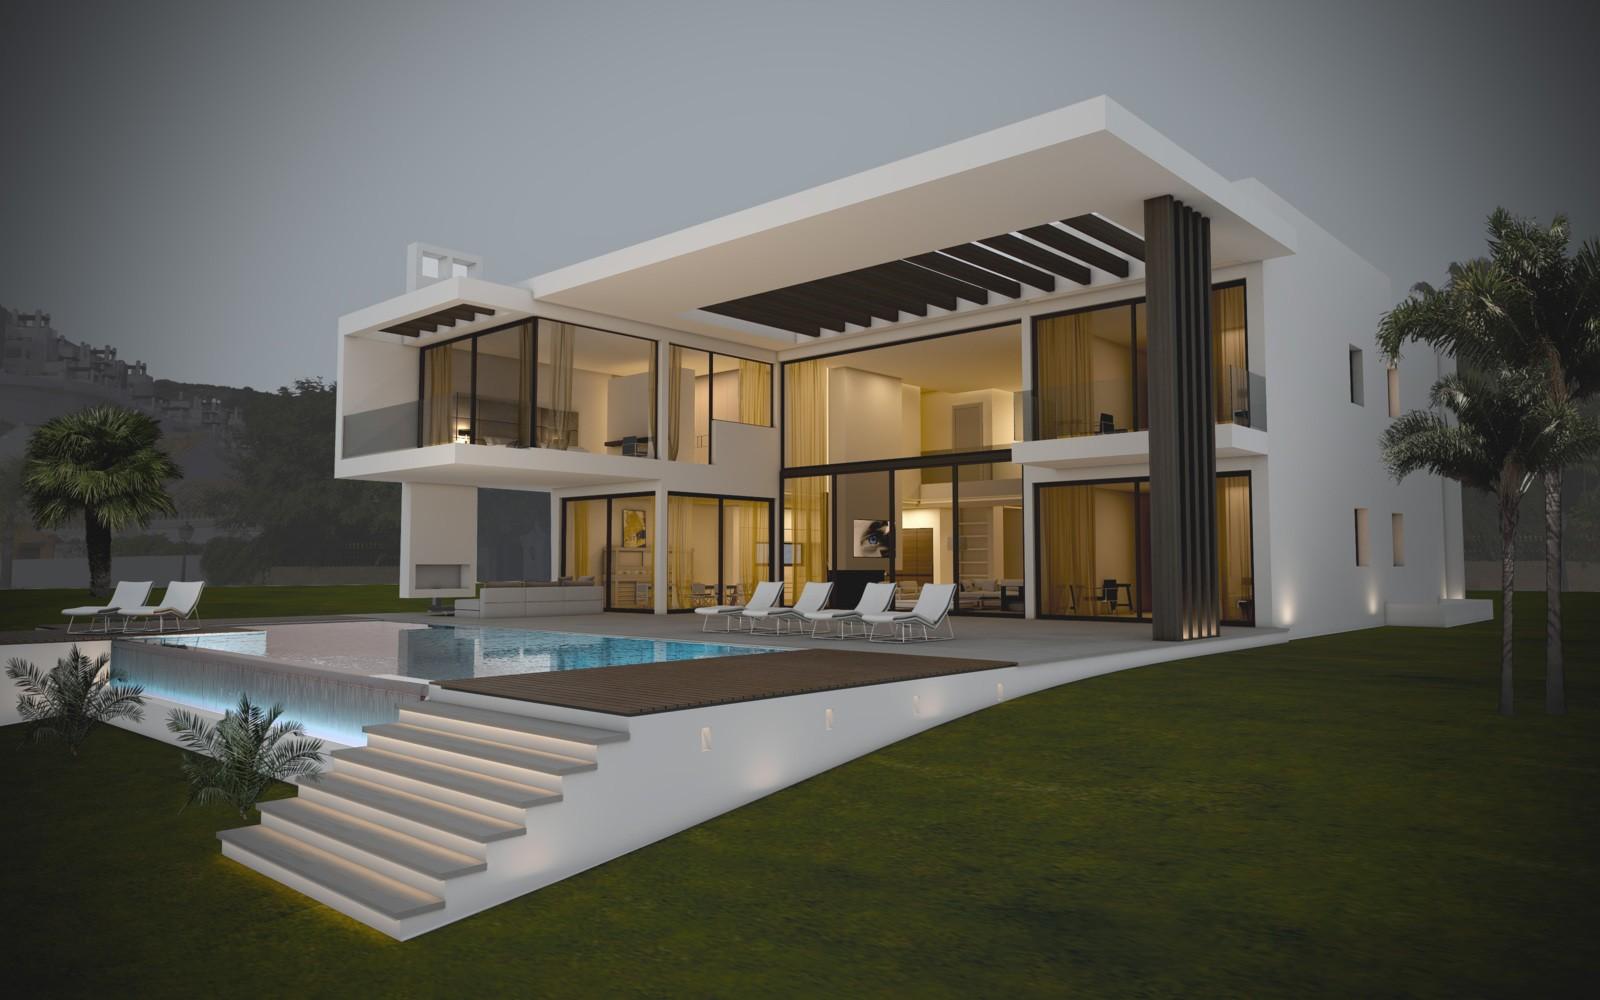 Les villa moderne le monde de l a - Maison contemporaine de luxe ...